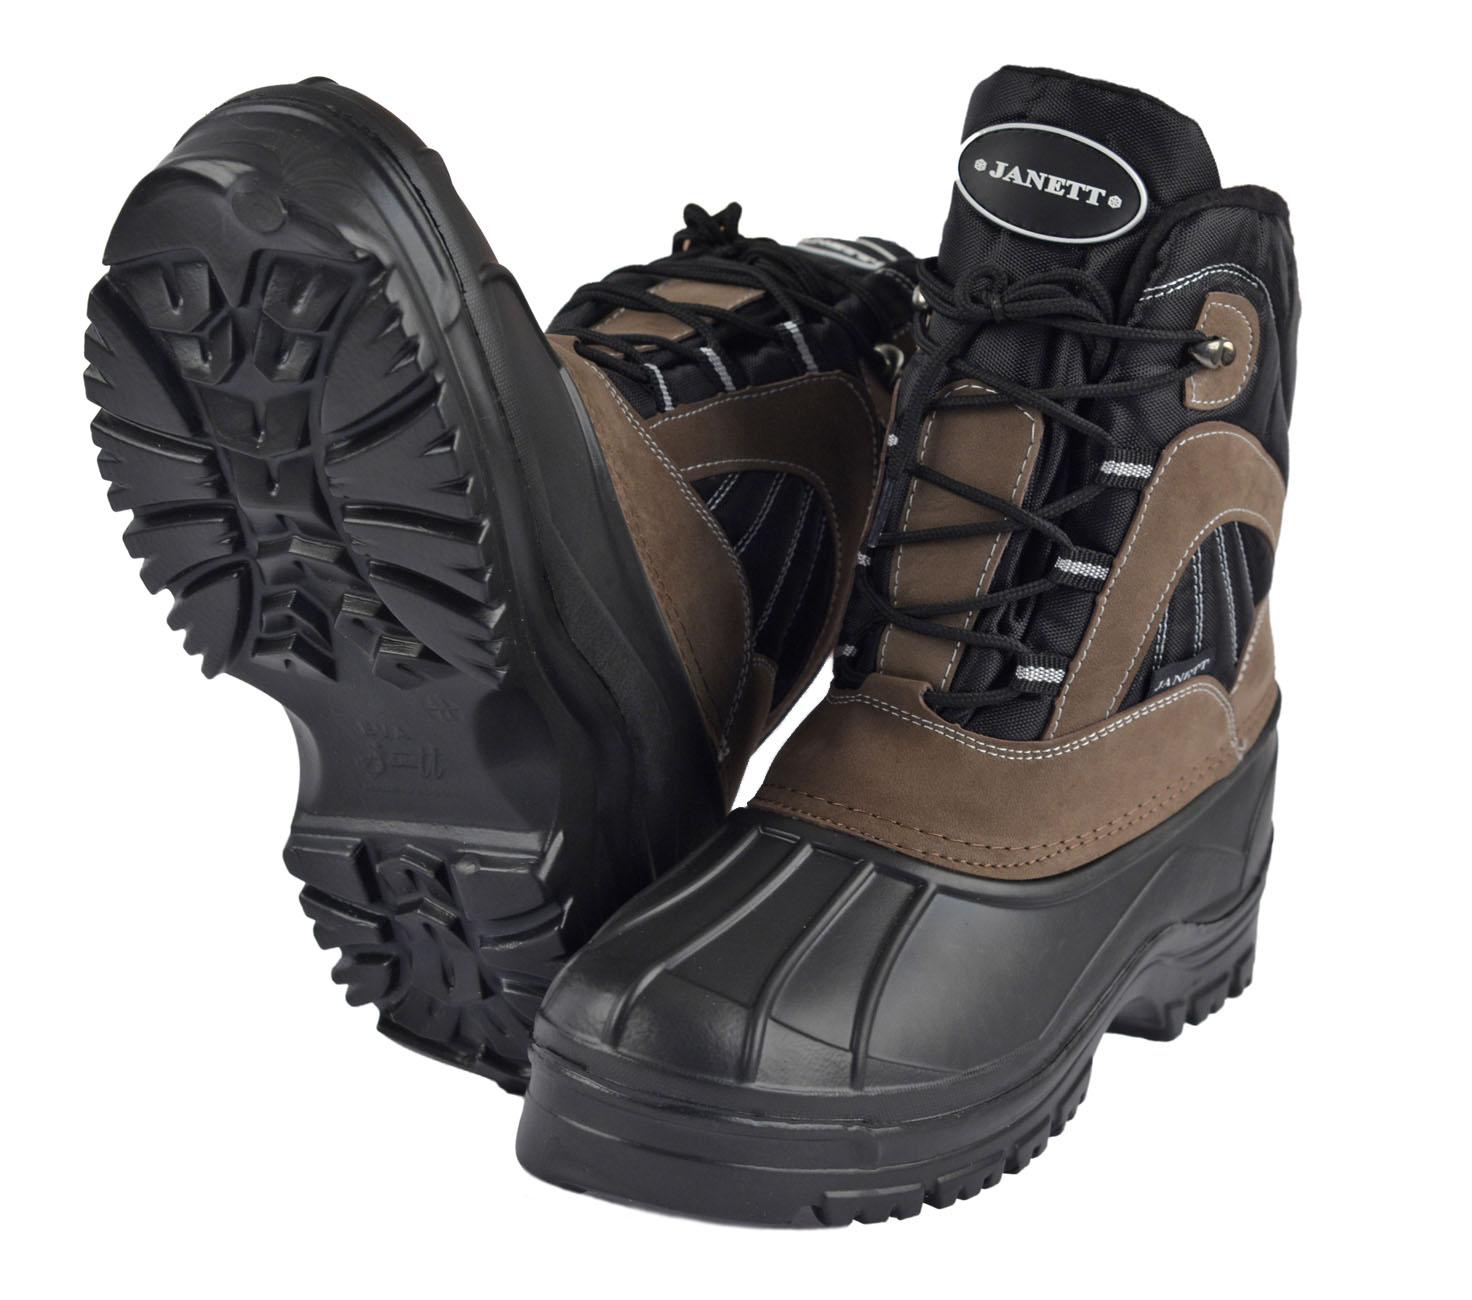 Боты мужские БАРС ЭВА, на шнуровке, черныеСапоги для активного отдыха<br>Боты мужские утепленные БАРС, предназначены <br>для длительного пребывания на морозе и <br>длительной ходьбы. Нижняя часть обуви изготовлена <br>из материала ЭВА. Подошва с глубоким протектором <br>эффективна против скольжения. Голенище <br>сапога выполнено из триплированного водоотталкивающего <br>материала- Оксфорд утепленного флисом и <br>место стыка галоши с голенищем и его верхняя <br>часть отделаны кожеными накладками.<br><br>Пол: мужской<br>Сезон: зима<br>Цвет: черный